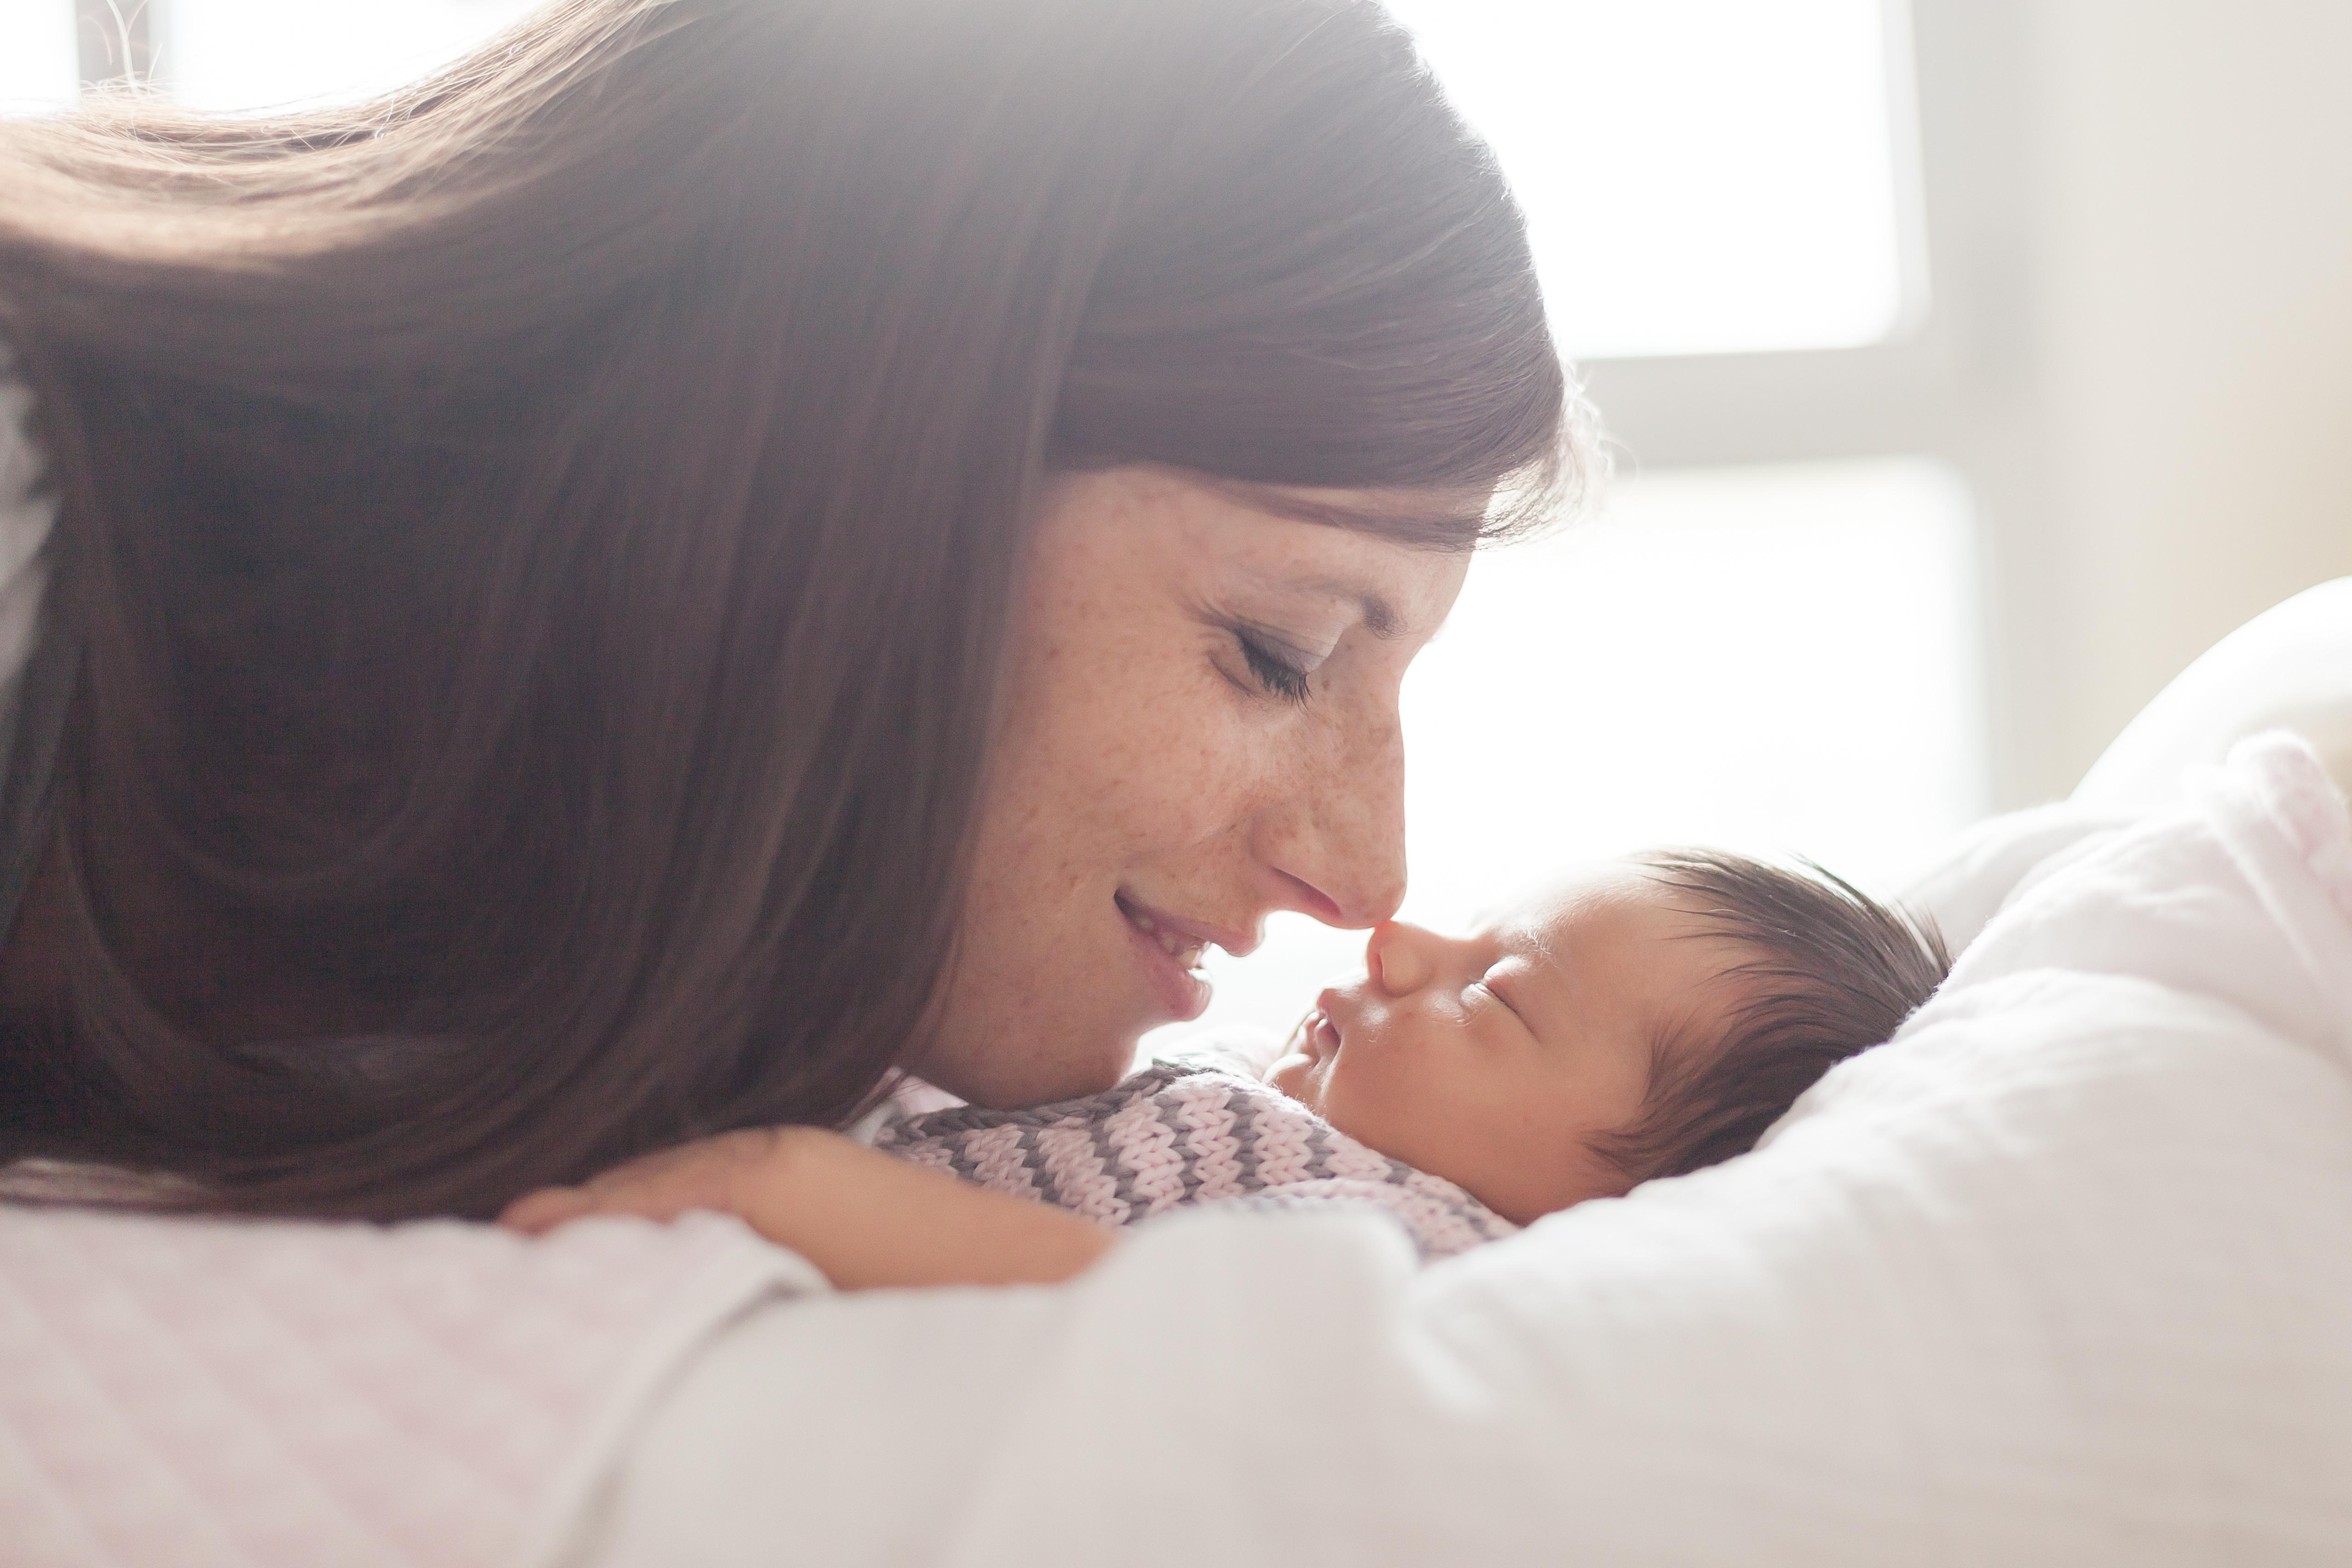 Amélie_Leray_Photographe_Naissance_Reportage_Maternité